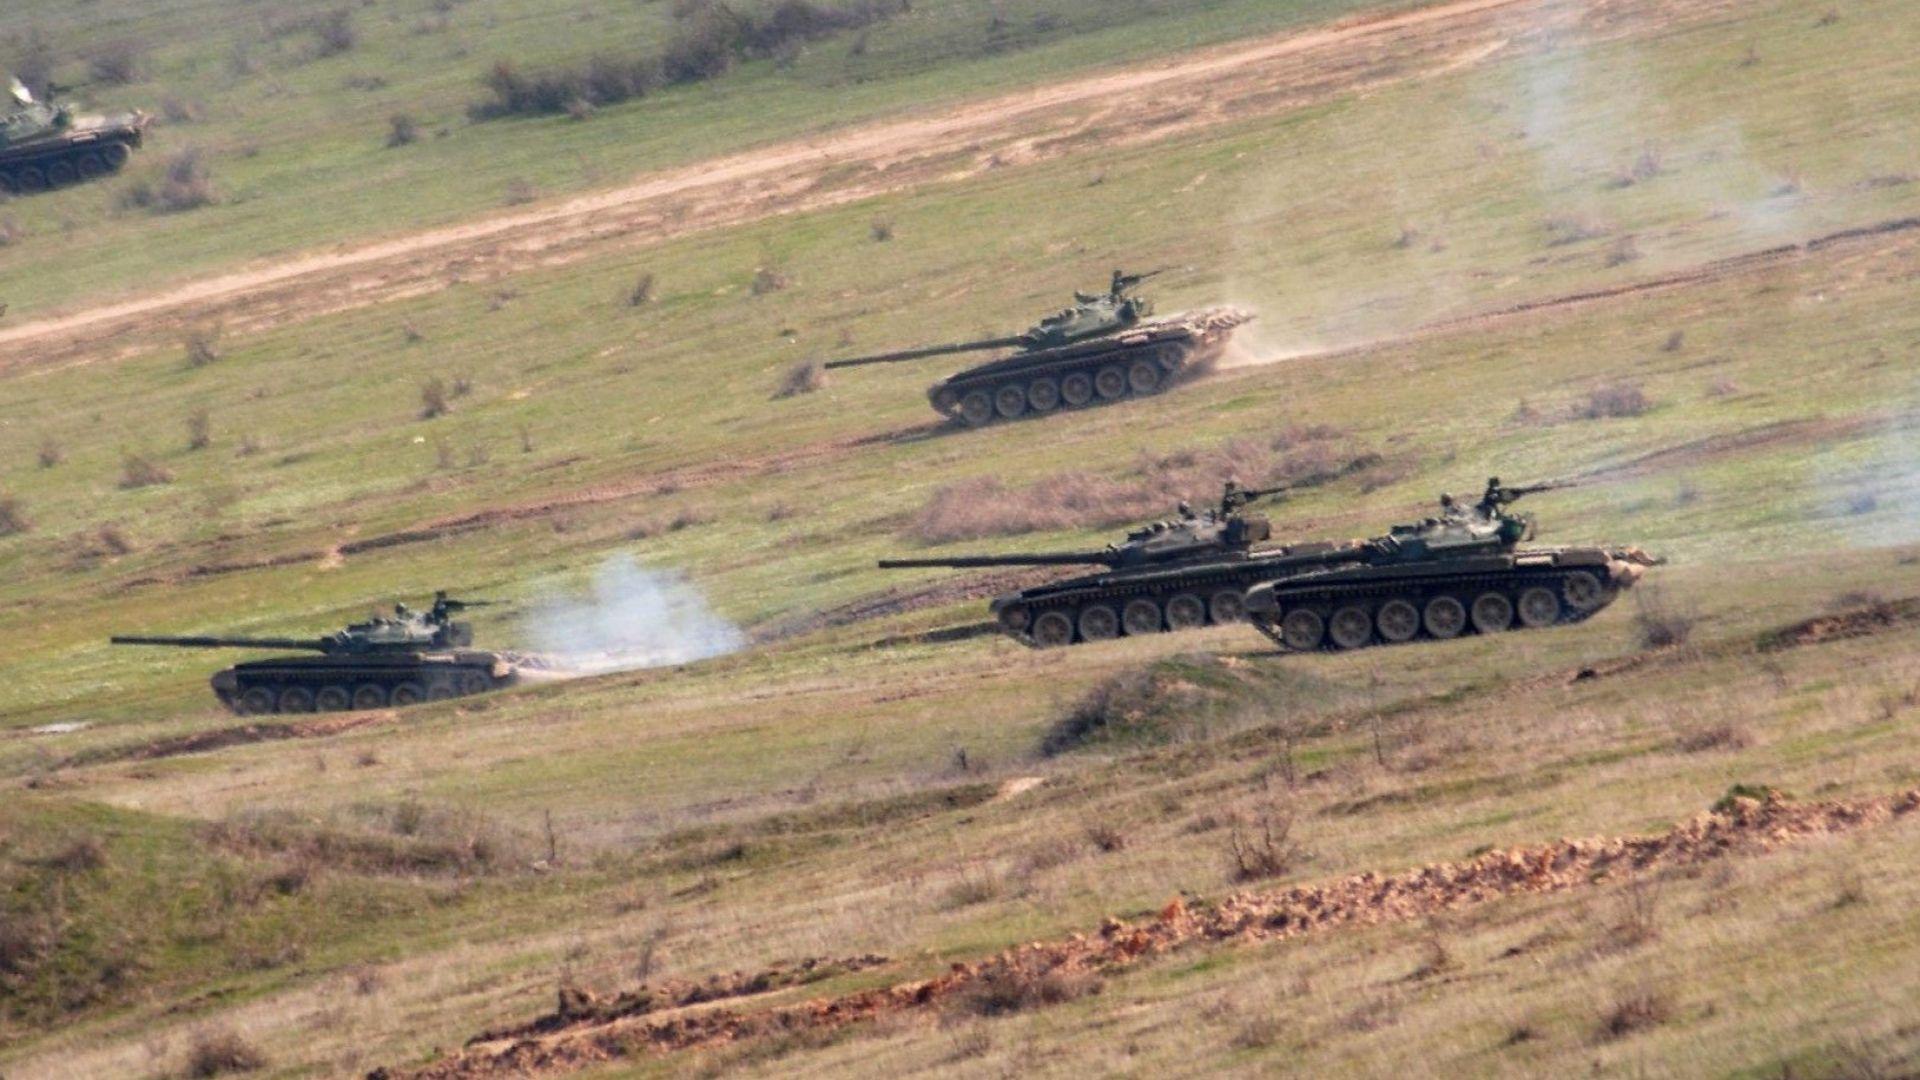 Поканиха 4 фирми да подадат оферти за бойни машини за пехотата, за тях ще платим почти 1.5 млрд. лева